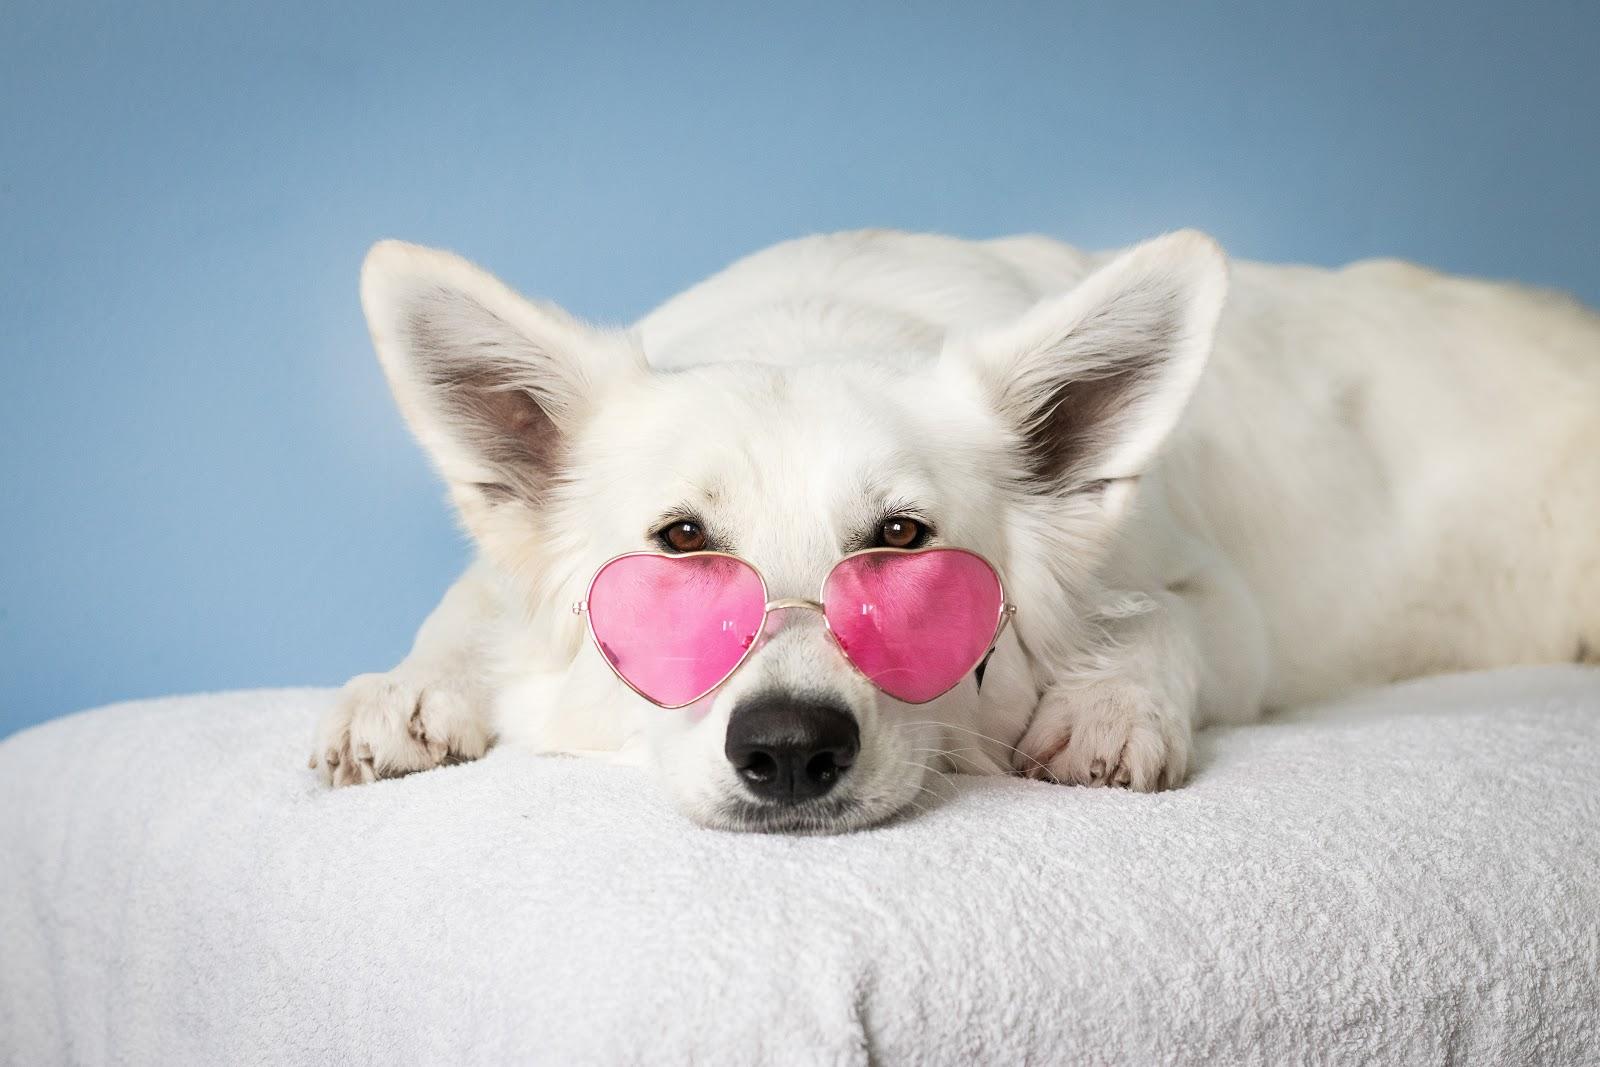 medium-short-coated-white-dog-on-white-textile-pictures